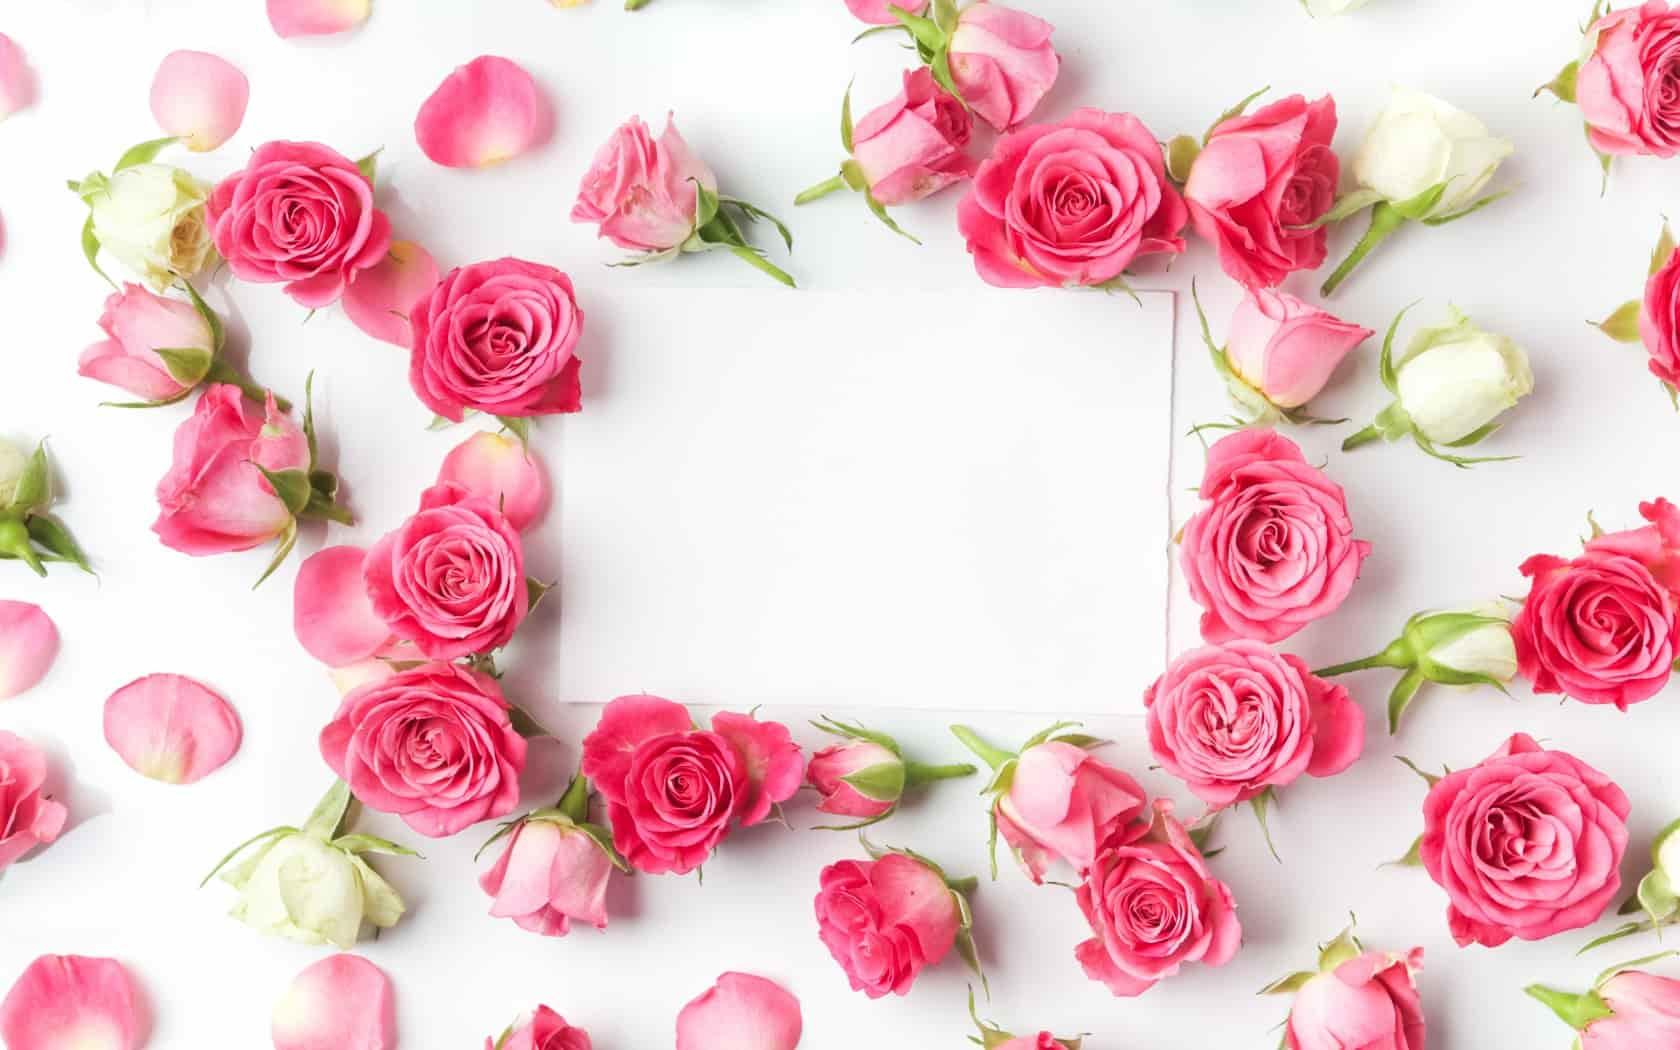 Для музыкального, открытки без надписей с розами